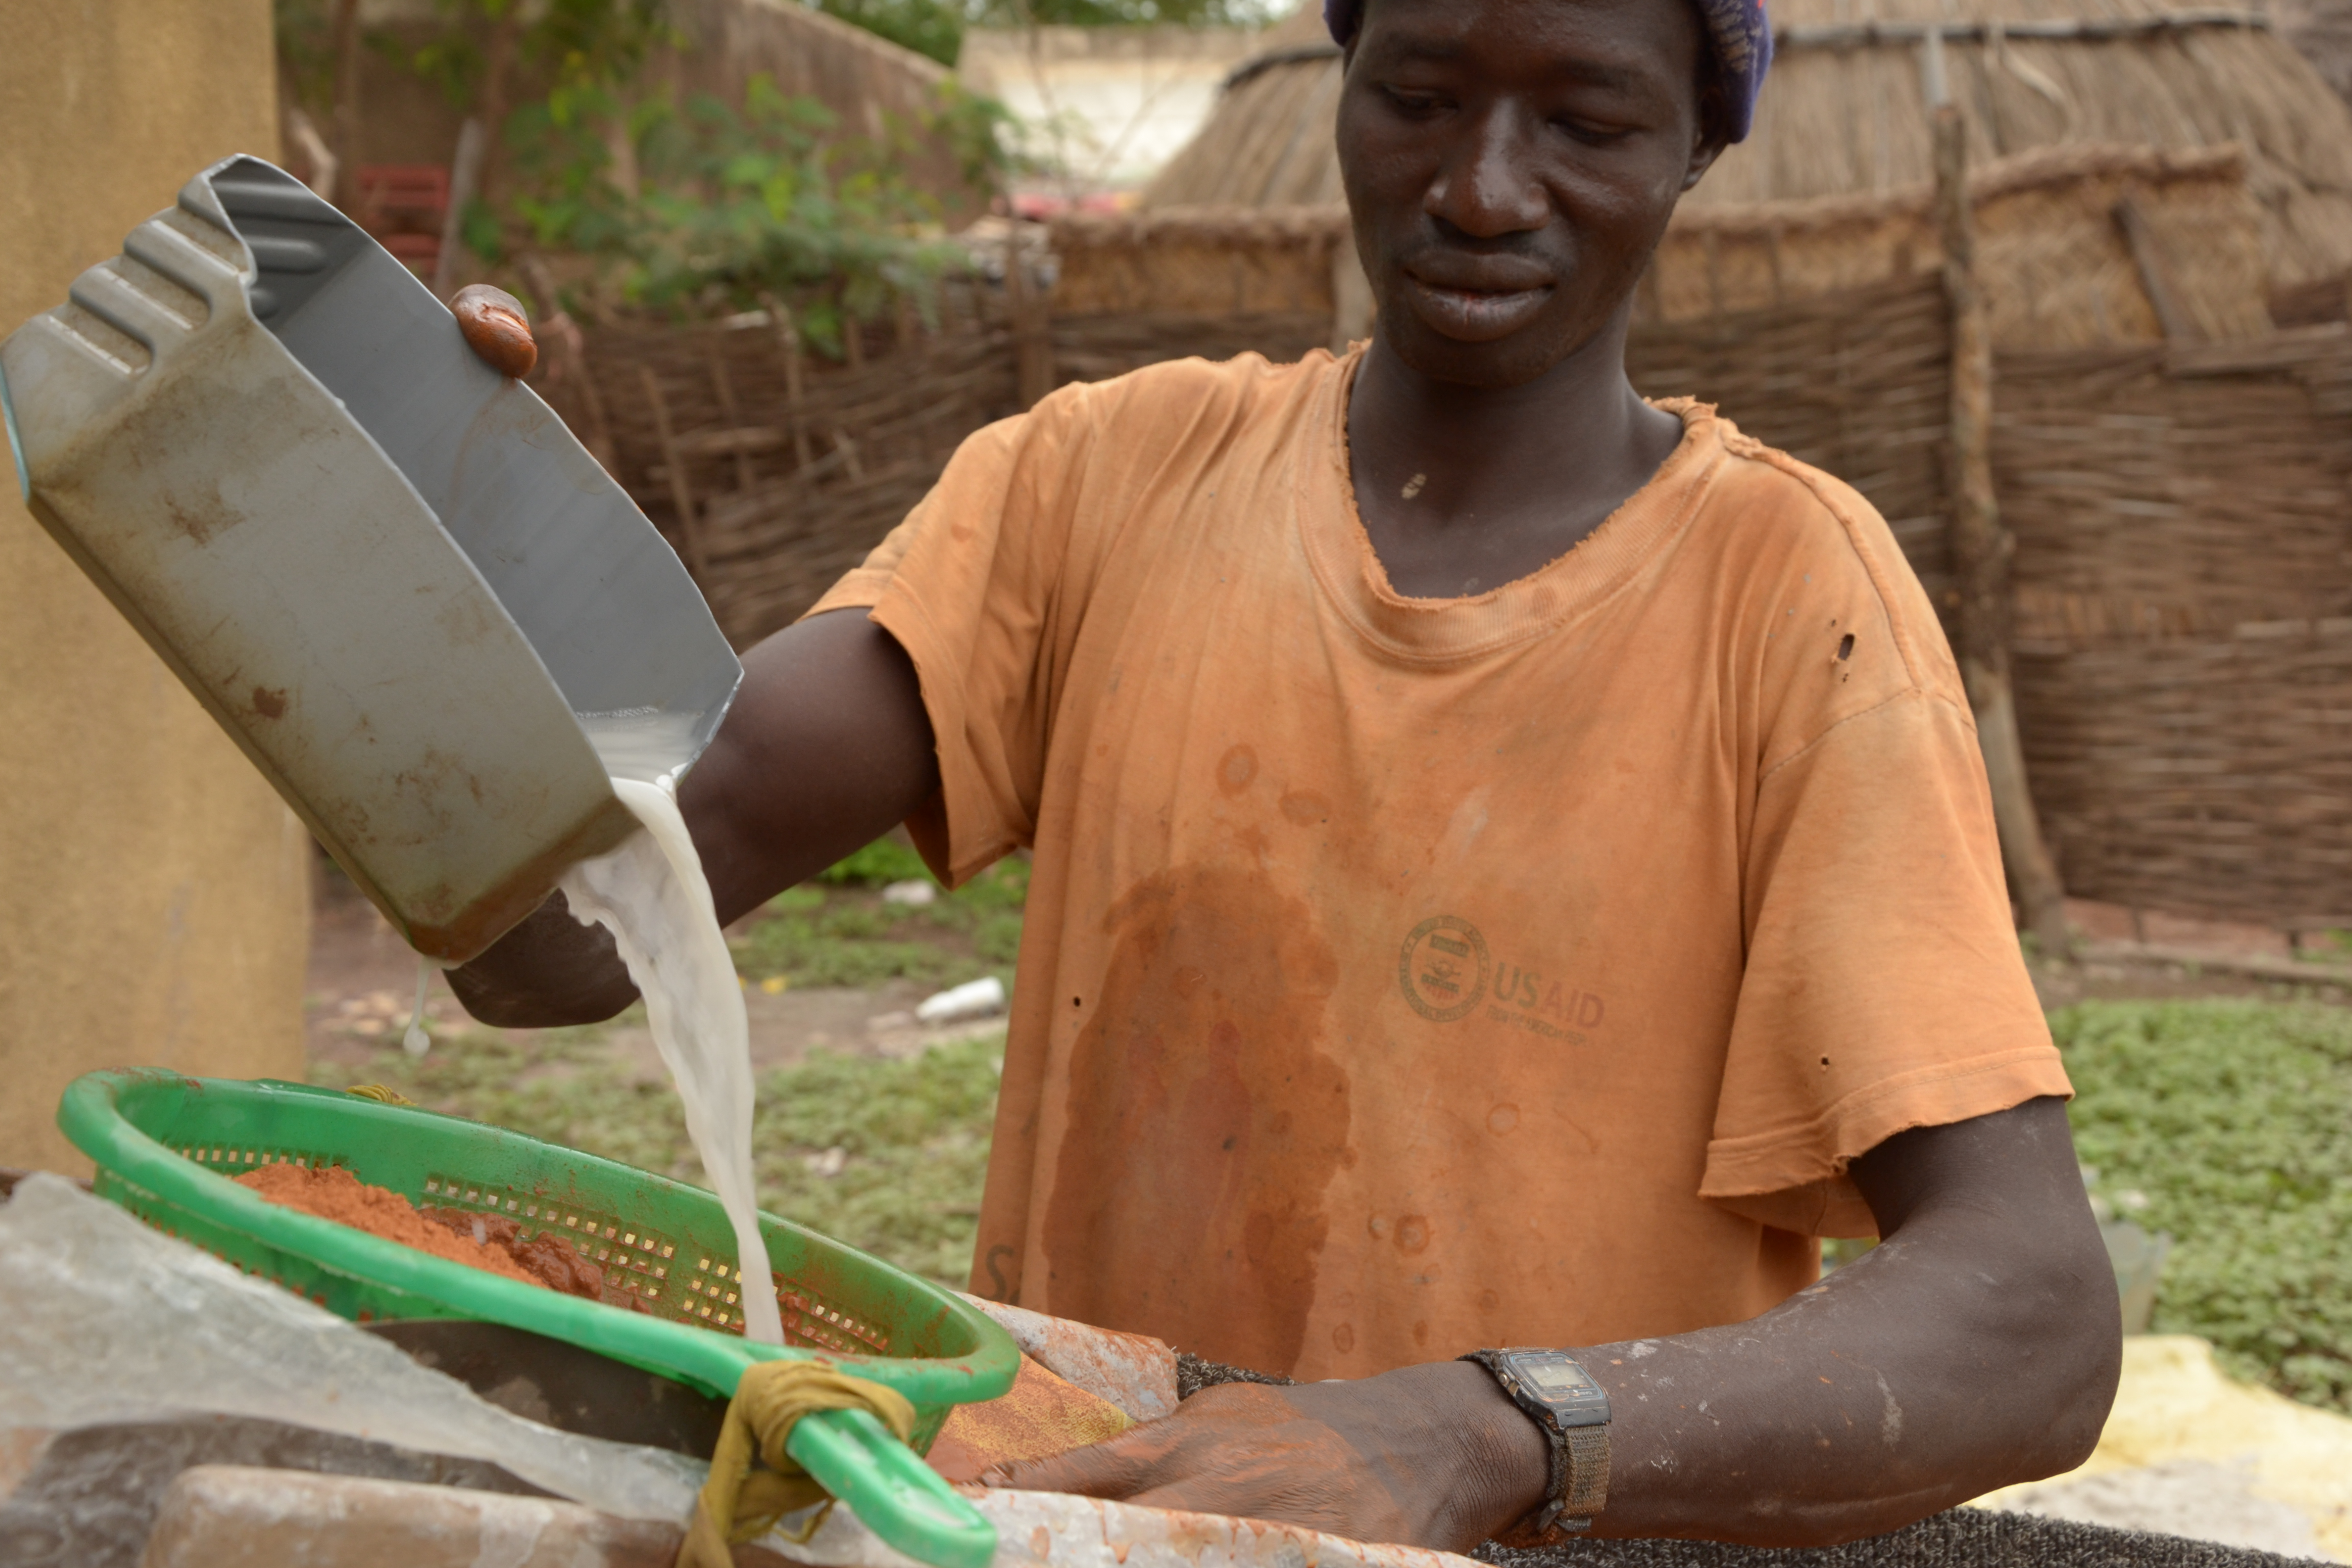 Orpaillage artisanal à Kédougou : En route vers l'or équitable